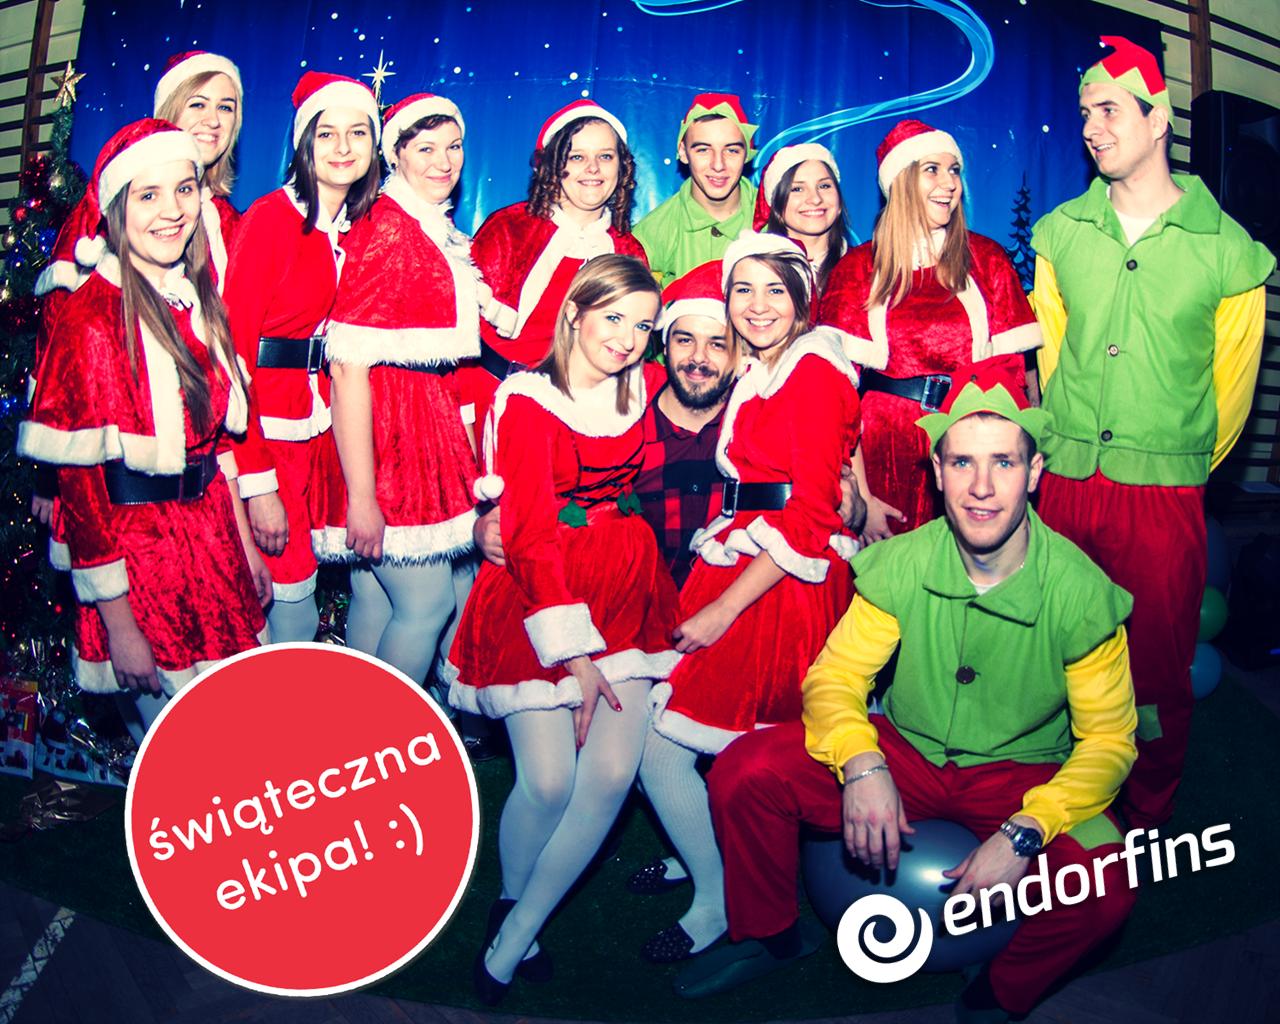 świąteczna-ekipa-elfów-animatorów-podczas-organizacji-imprez-mikołajkowych-dla-dzieci-poznań-łódź-konin-warszawa